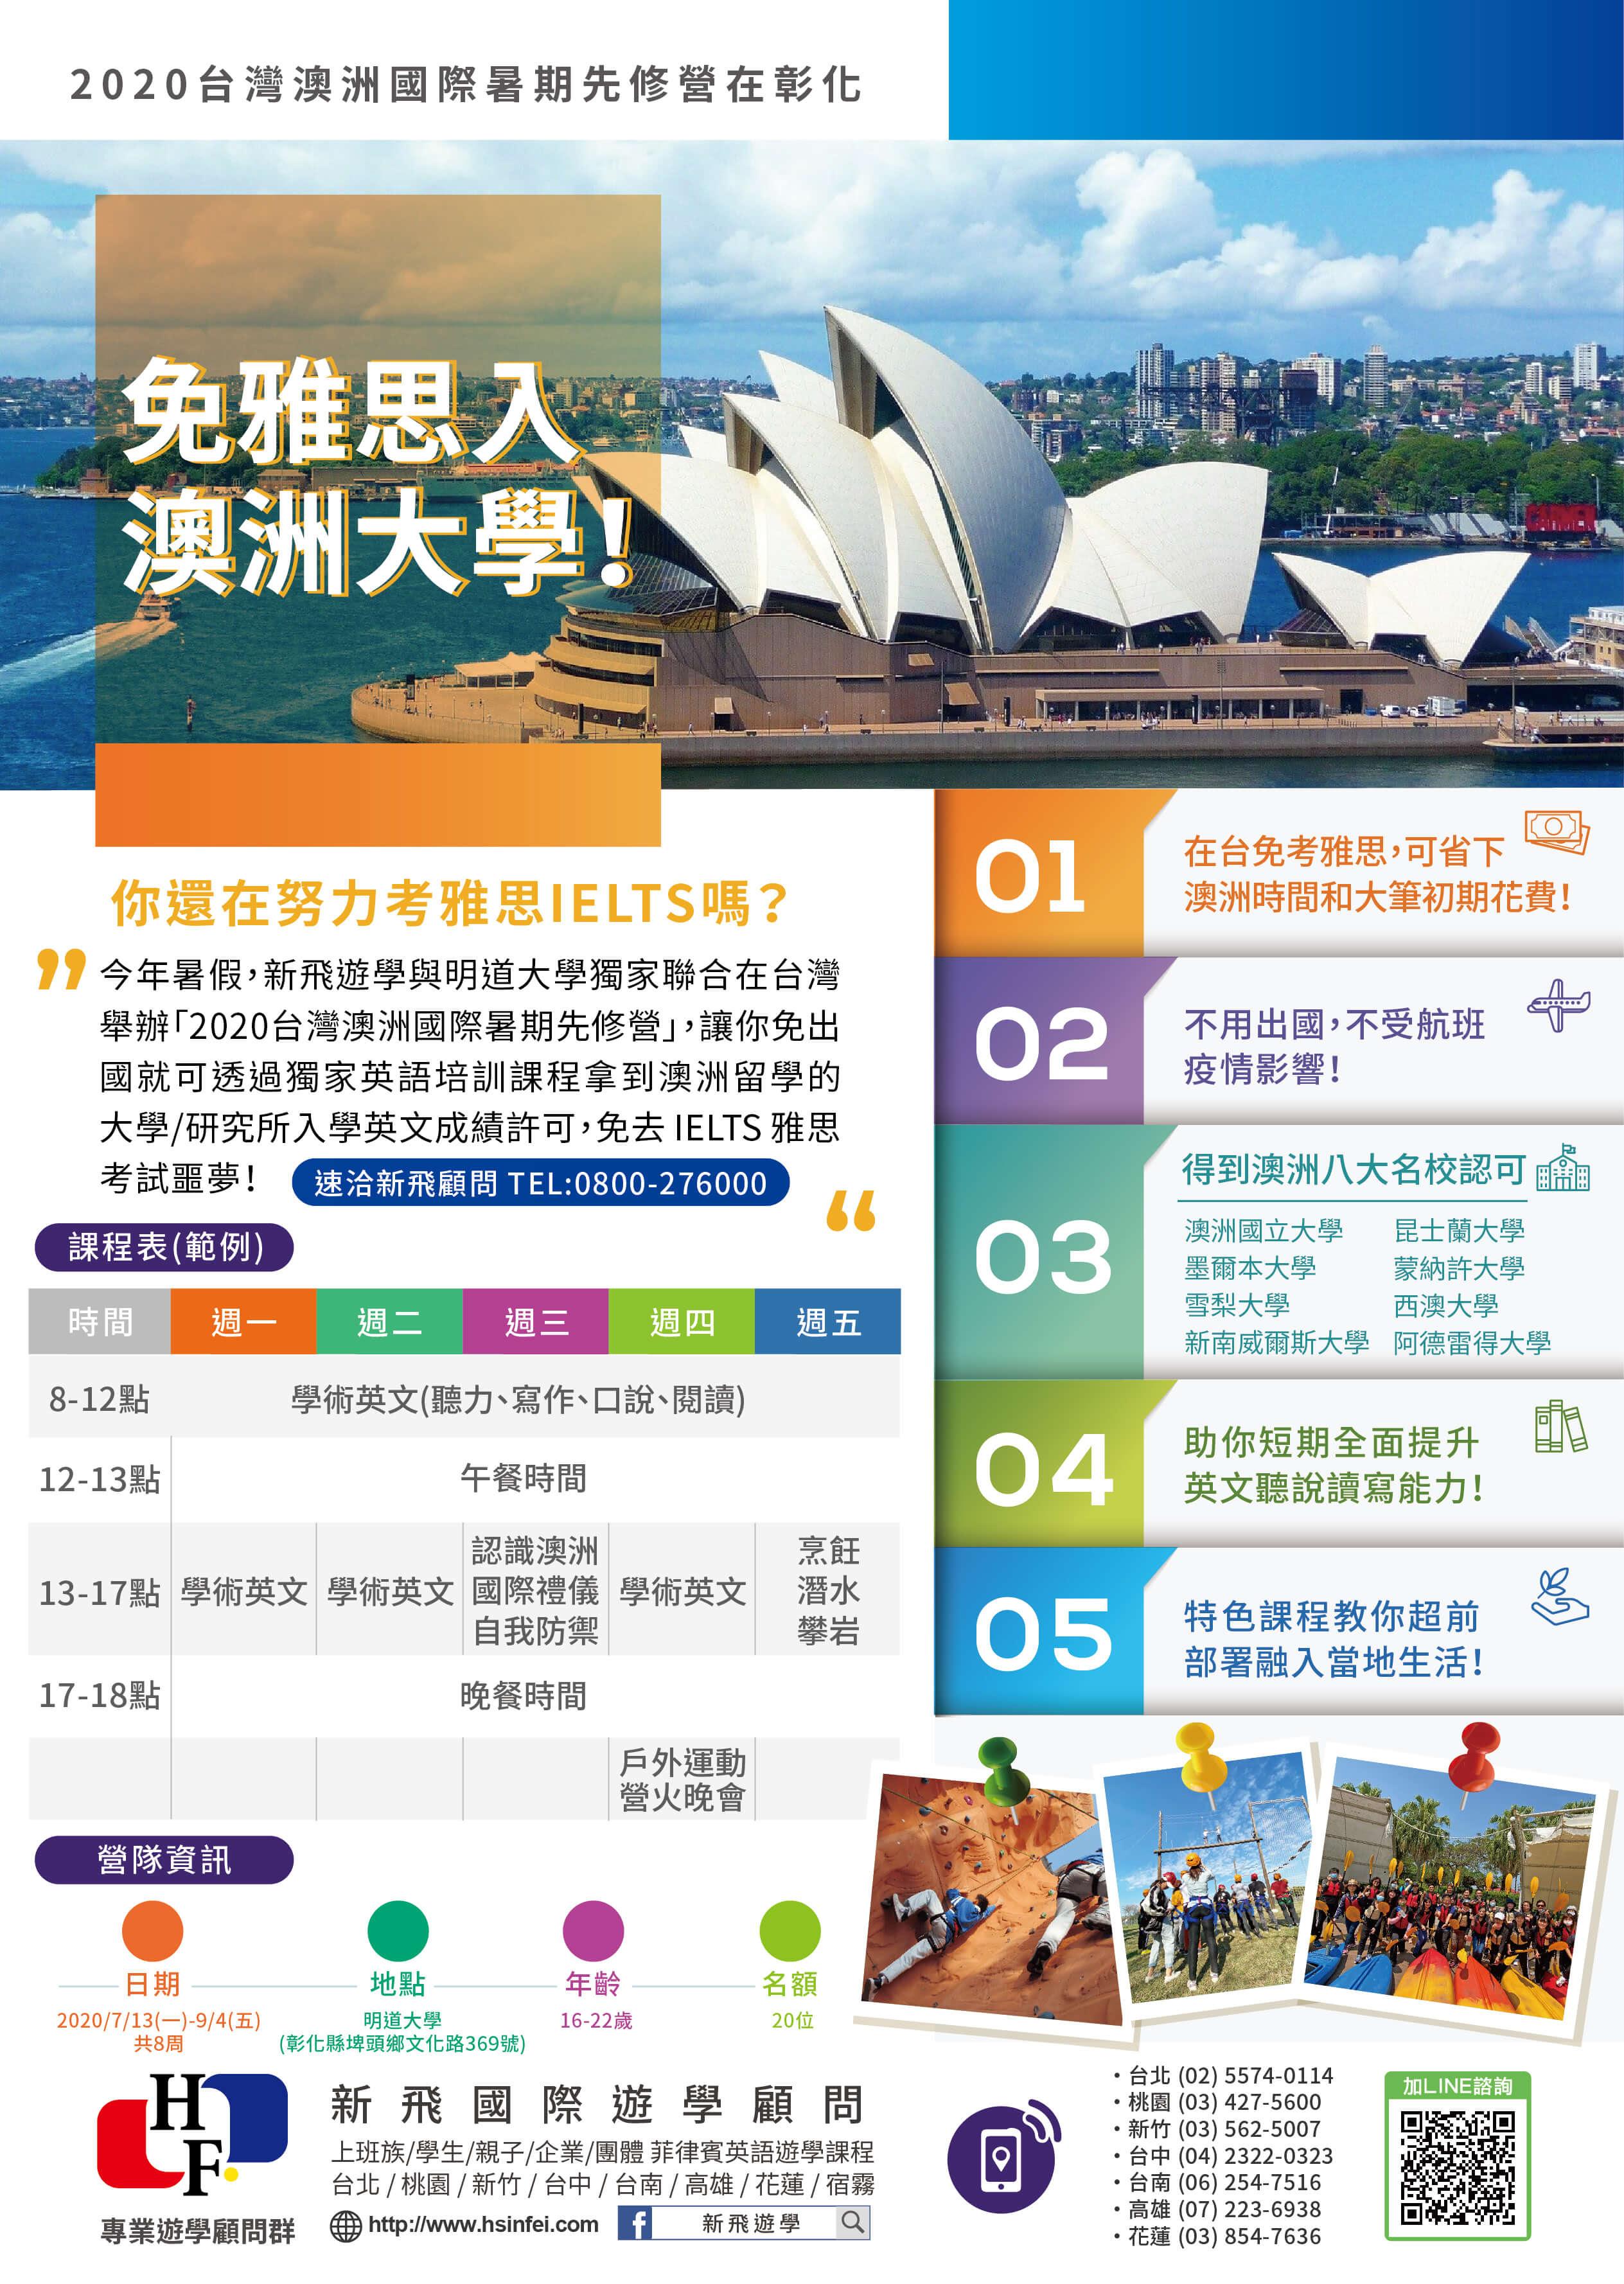 台灣2020澳洲大學國際暑假先修營在彰化